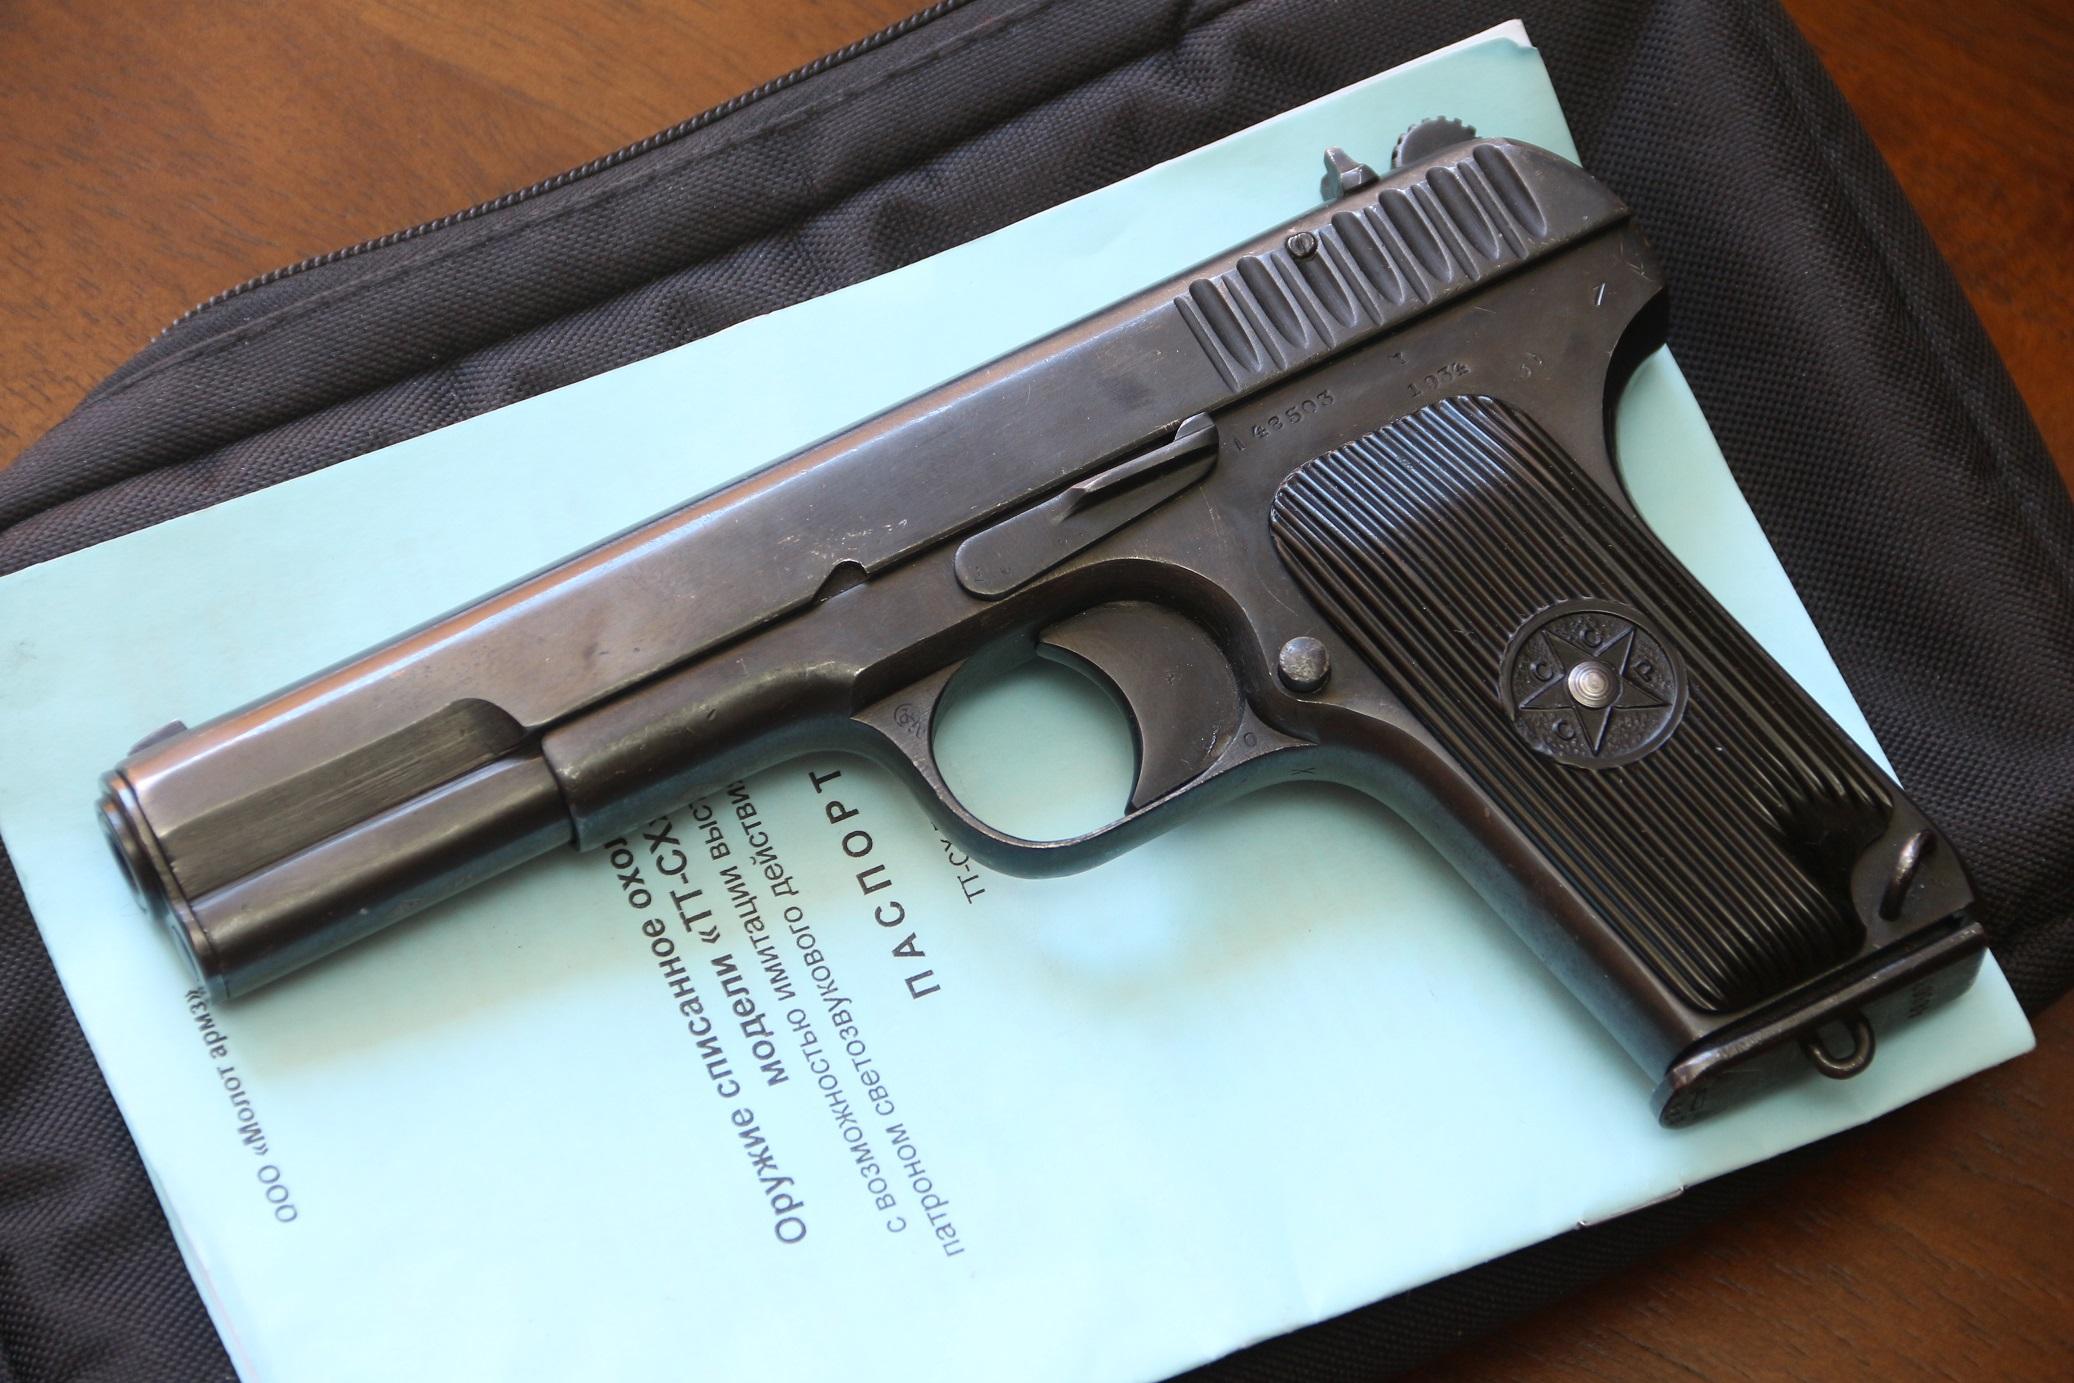 Фото Охолощенный пистолет ТТ-СХ 1934 года, №48503, модификация ТТ-30